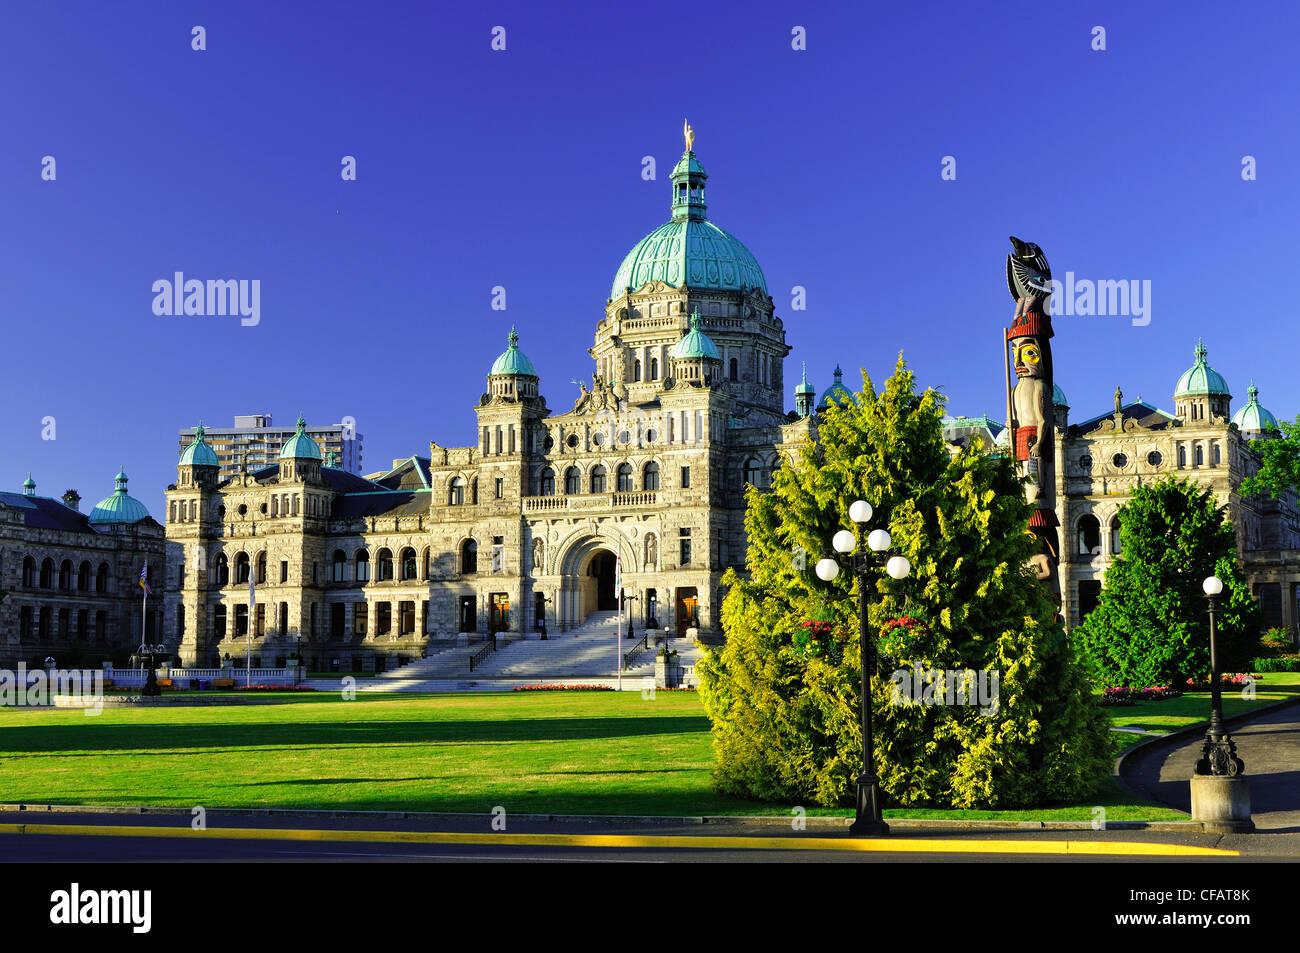 Édifices du Parlement et le mât totémique, Victoria, île de Vancouver, Colombie-Britannique, Canada Banque D'Images